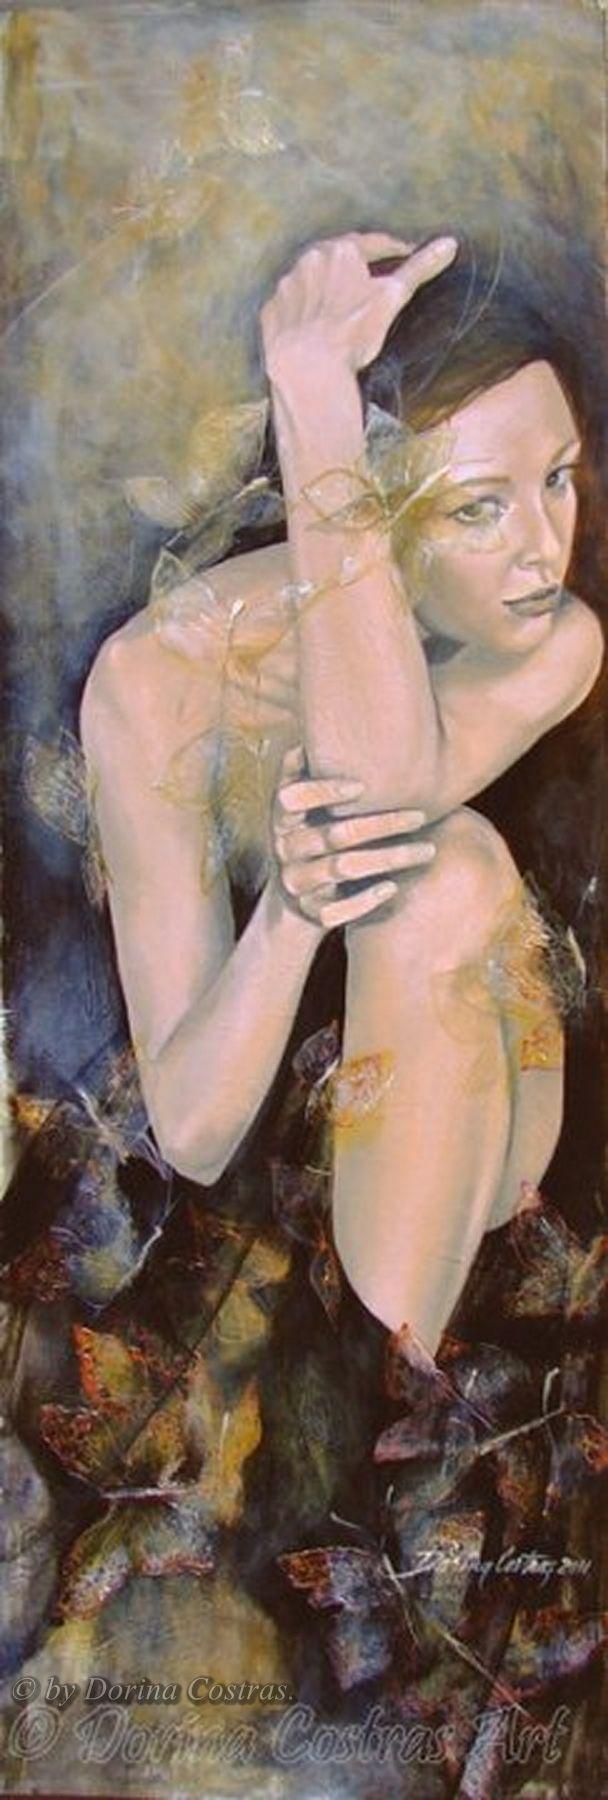 Becoming by Dorina Costras.: